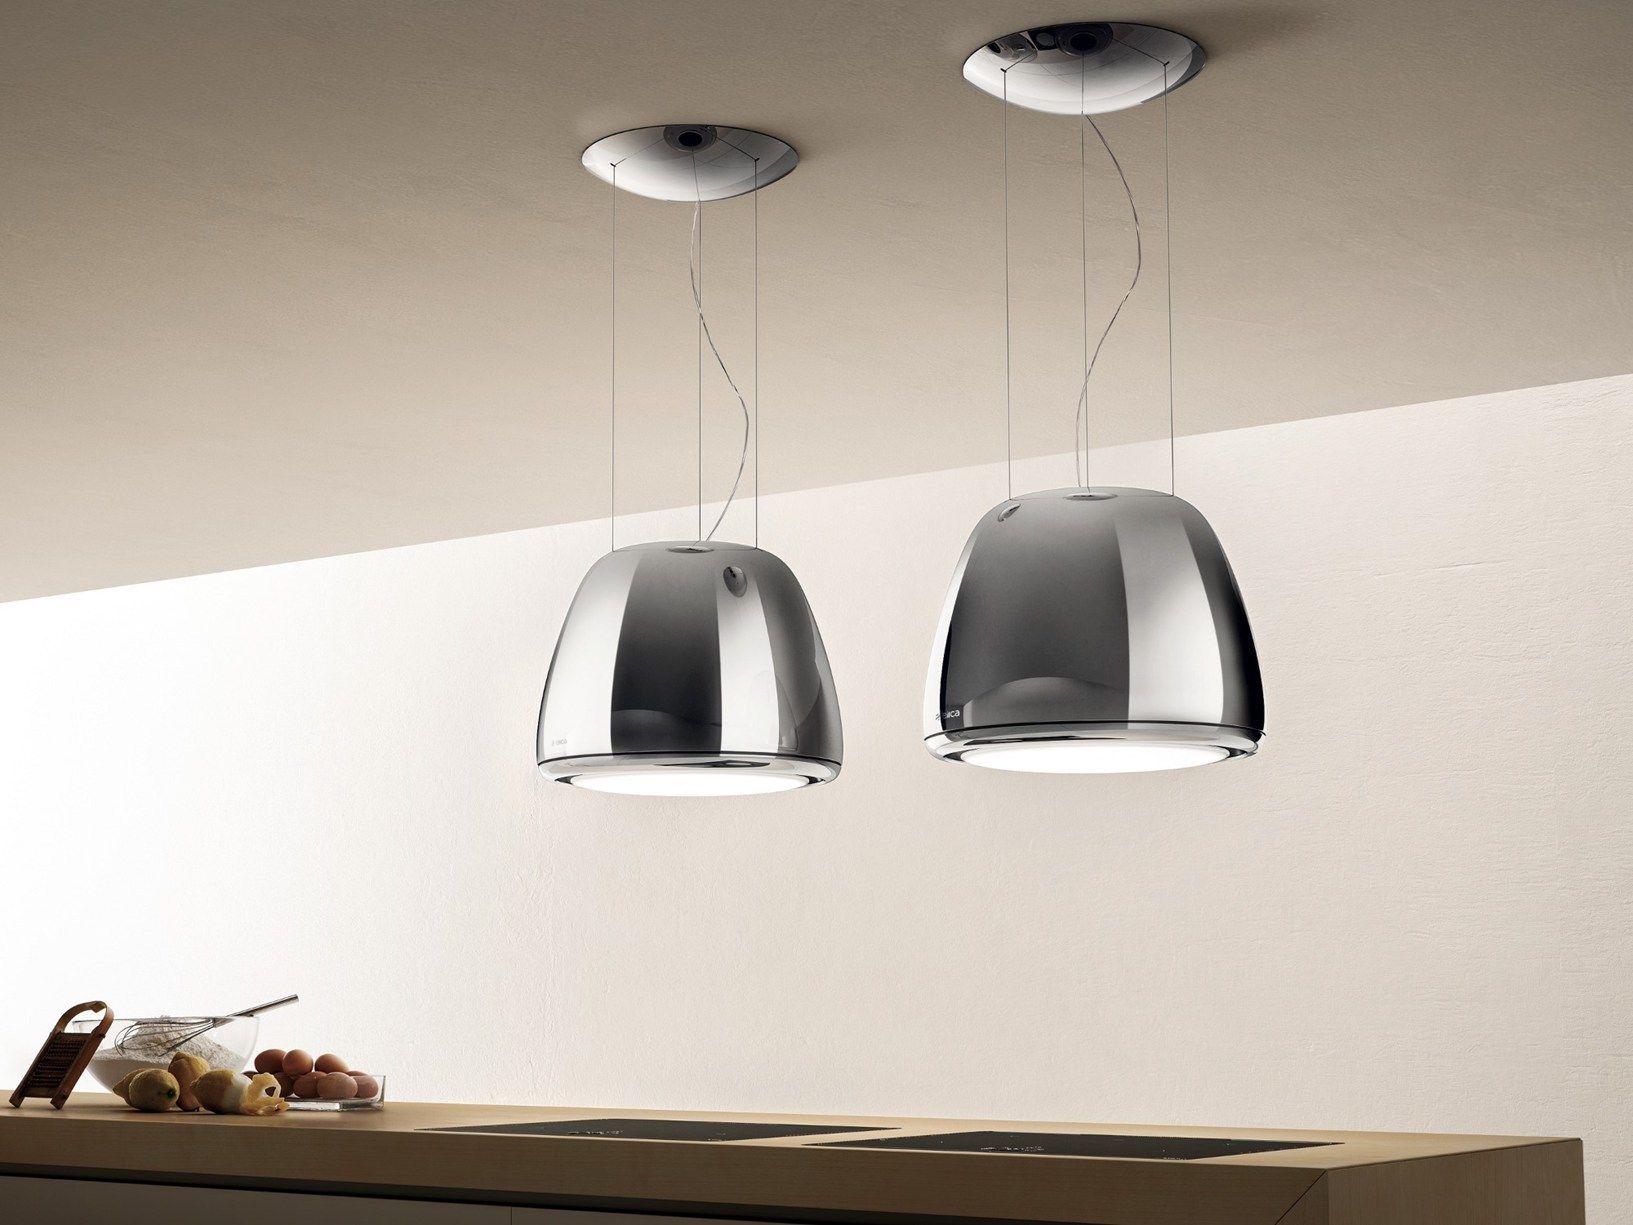 Plafoniere Per Cappe Da Cucina : Cappa luminosa seashell di elica kitchen home kitchens